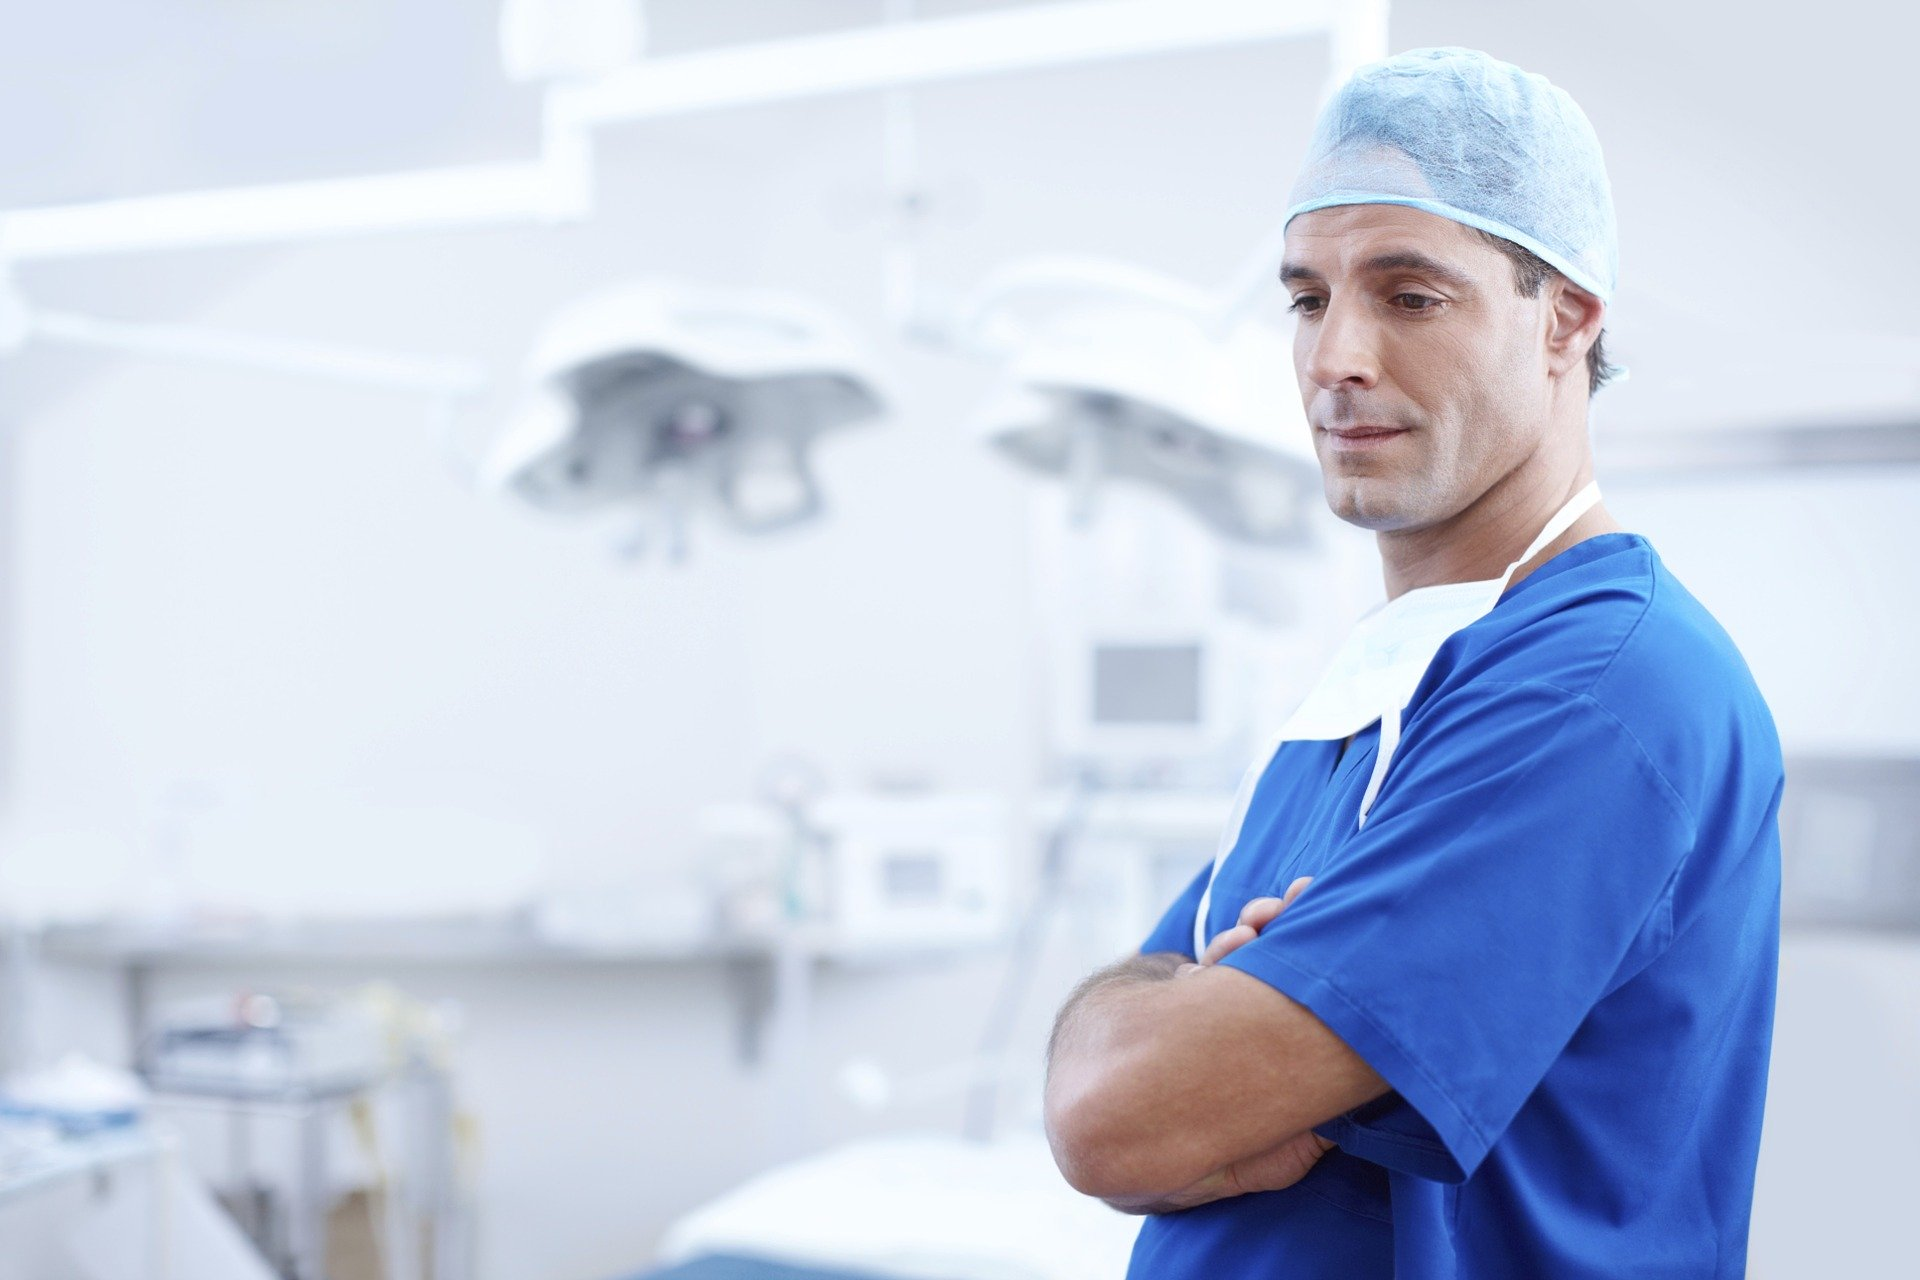 Avoir recours à la chirurgie esthétique ?